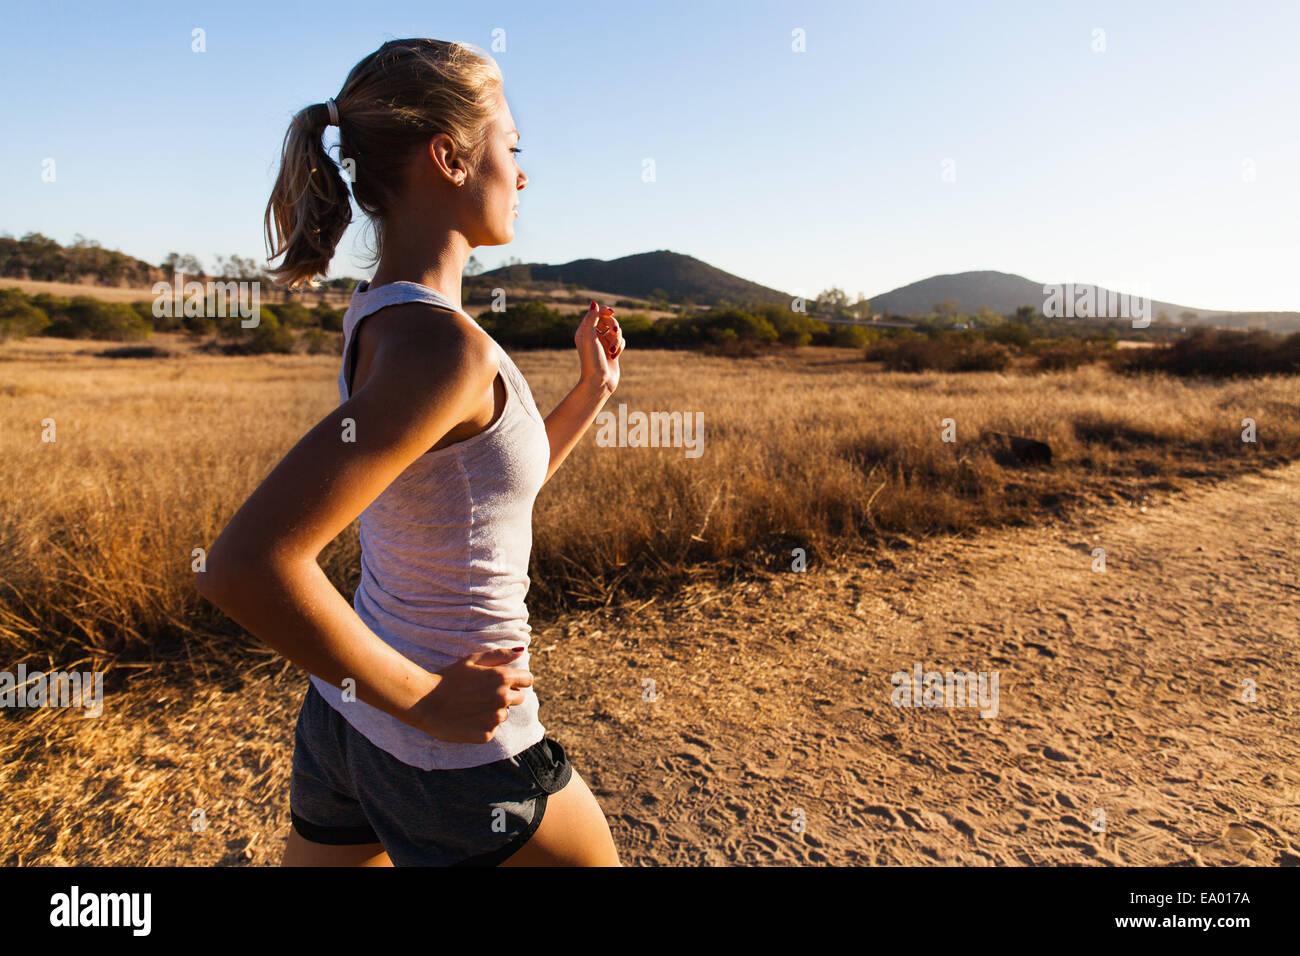 Giovane donna jogging, Portland, CA, Stati Uniti d'America Immagini Stock